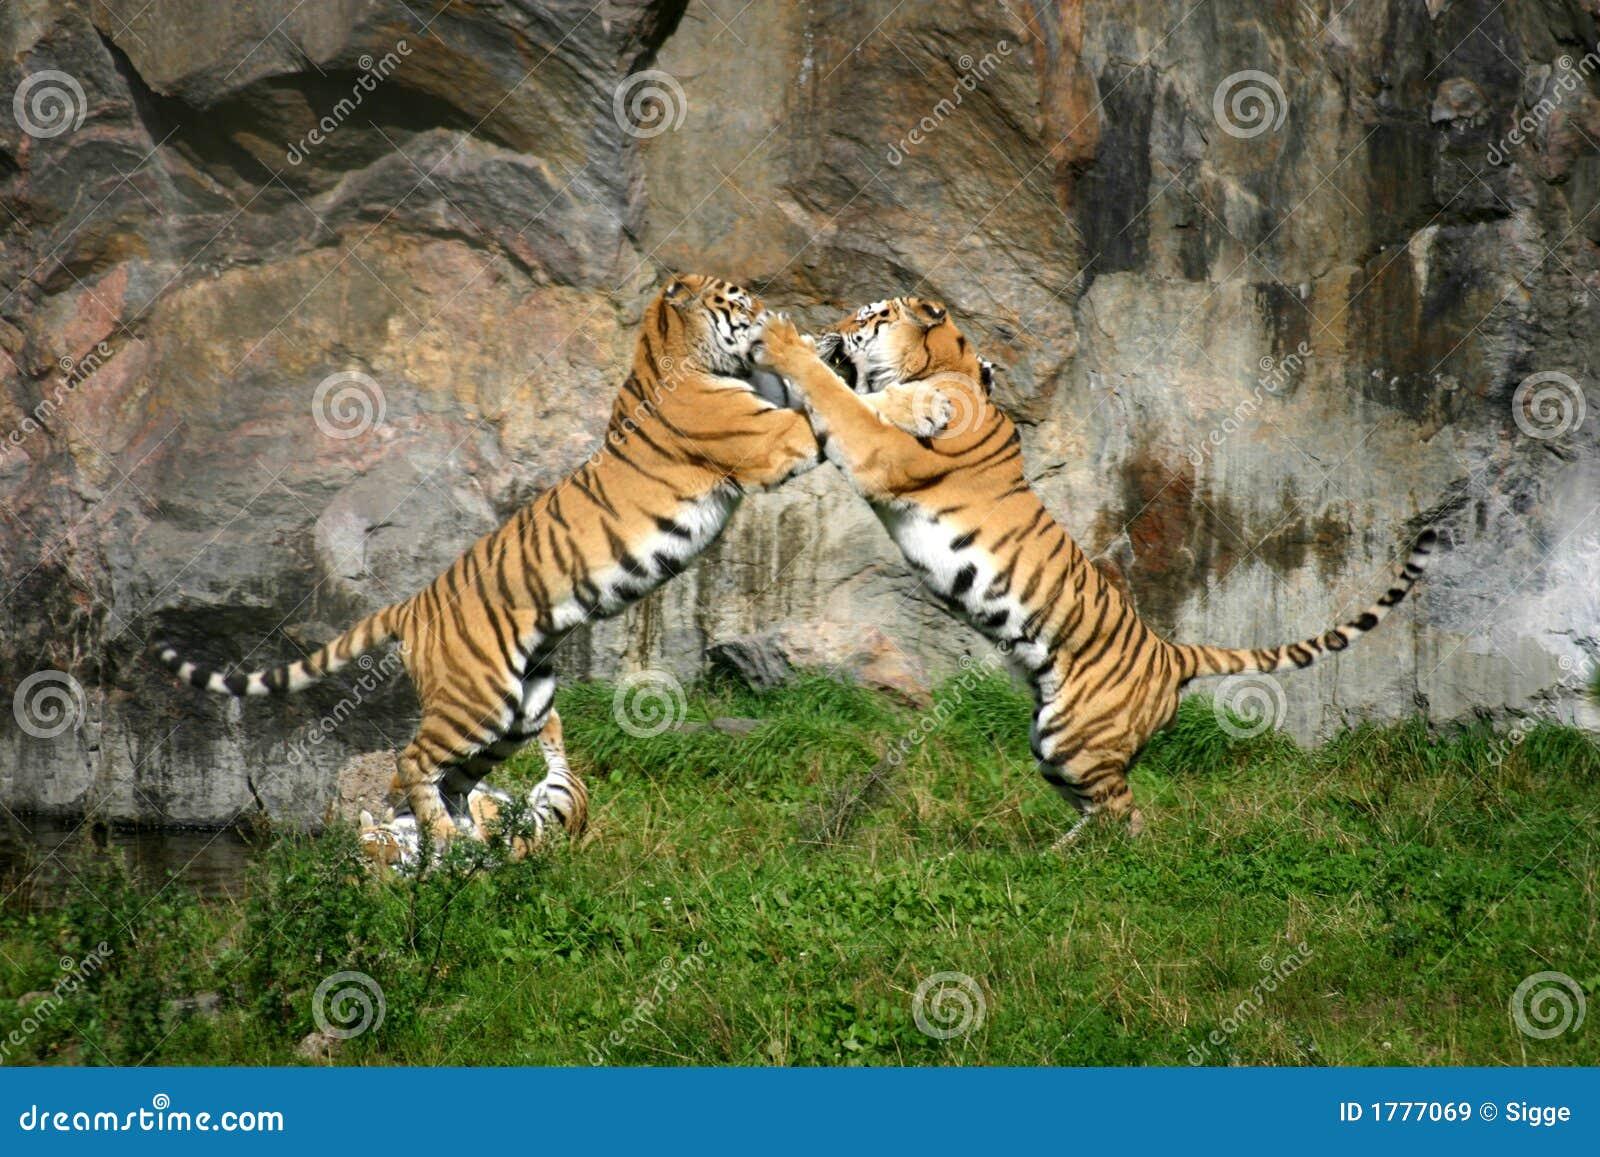 Combat de tigre images libres de droits image 1777069 - Images tigres gratuites ...